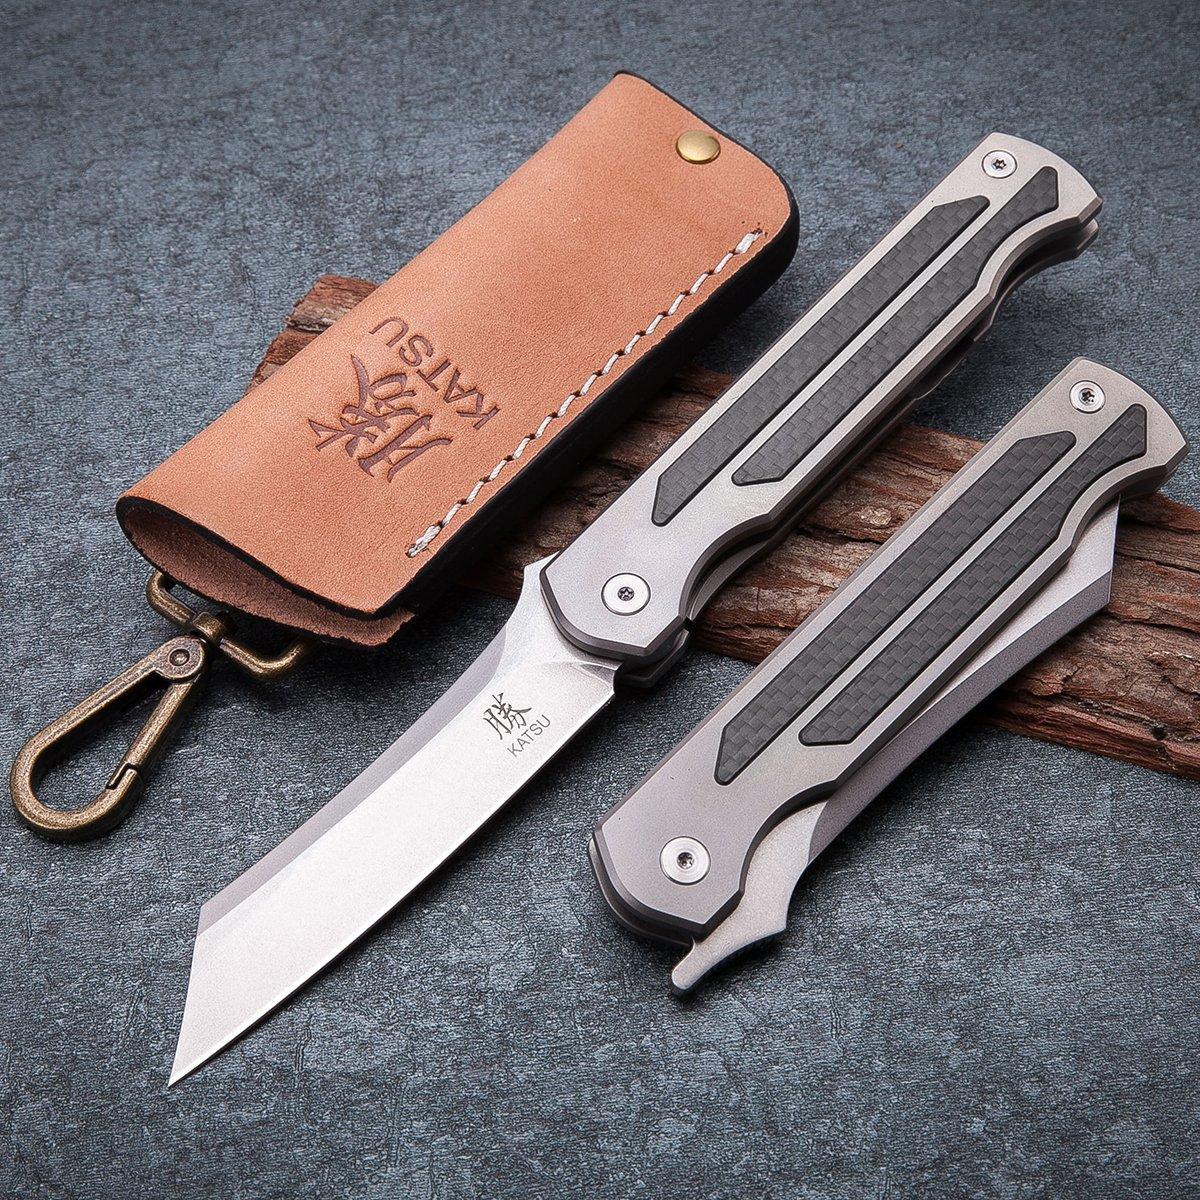 KATSU Camping Pocket Folding Japanese Knife, Titanium & Carbon Fiber Handle, Frame Lock, Stonewashed Cleaver Razor Blade, Leather Sheath by KATSU (Image #3)